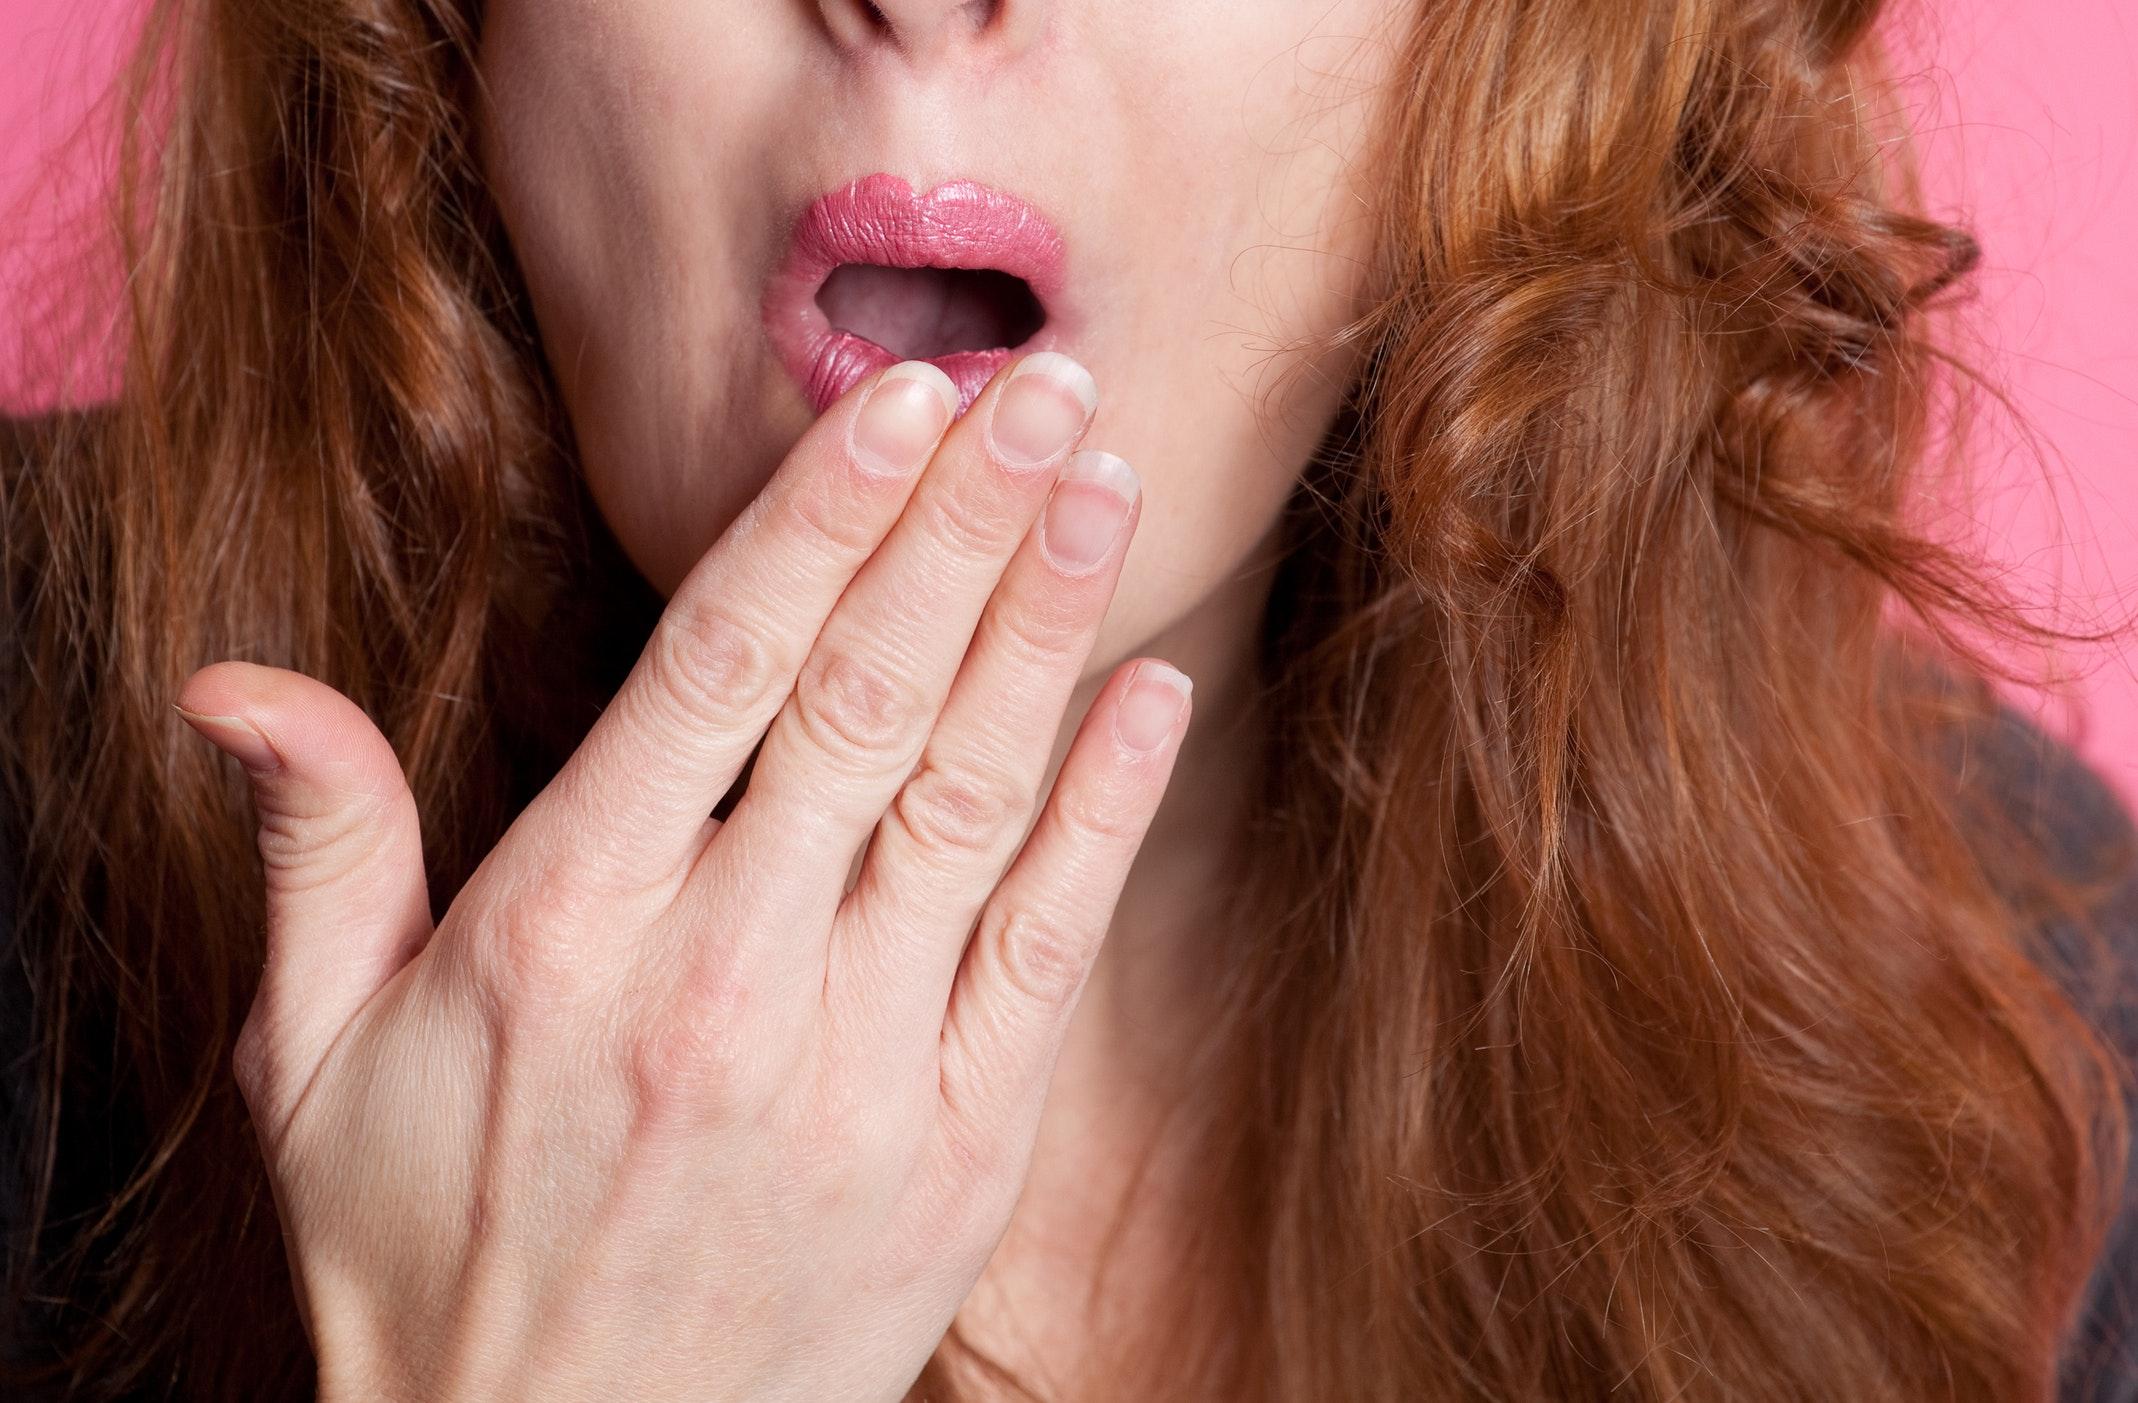 hvorfor får man dårlig ånde